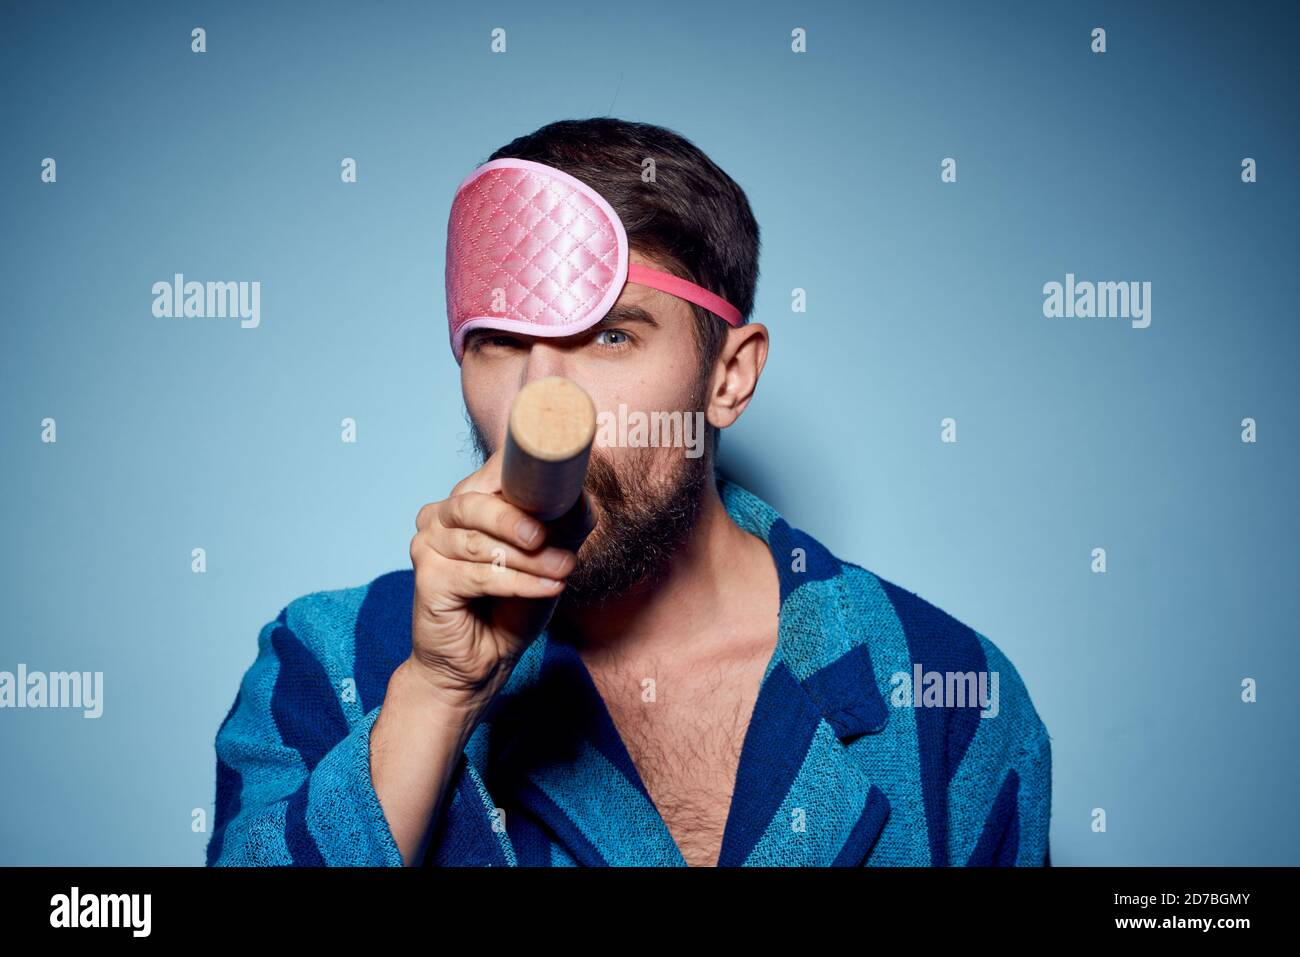 hombre con rodillo y en azul máscara de sueño rosa modelo de emoción de la vista recortada de la túnica Foto de stock